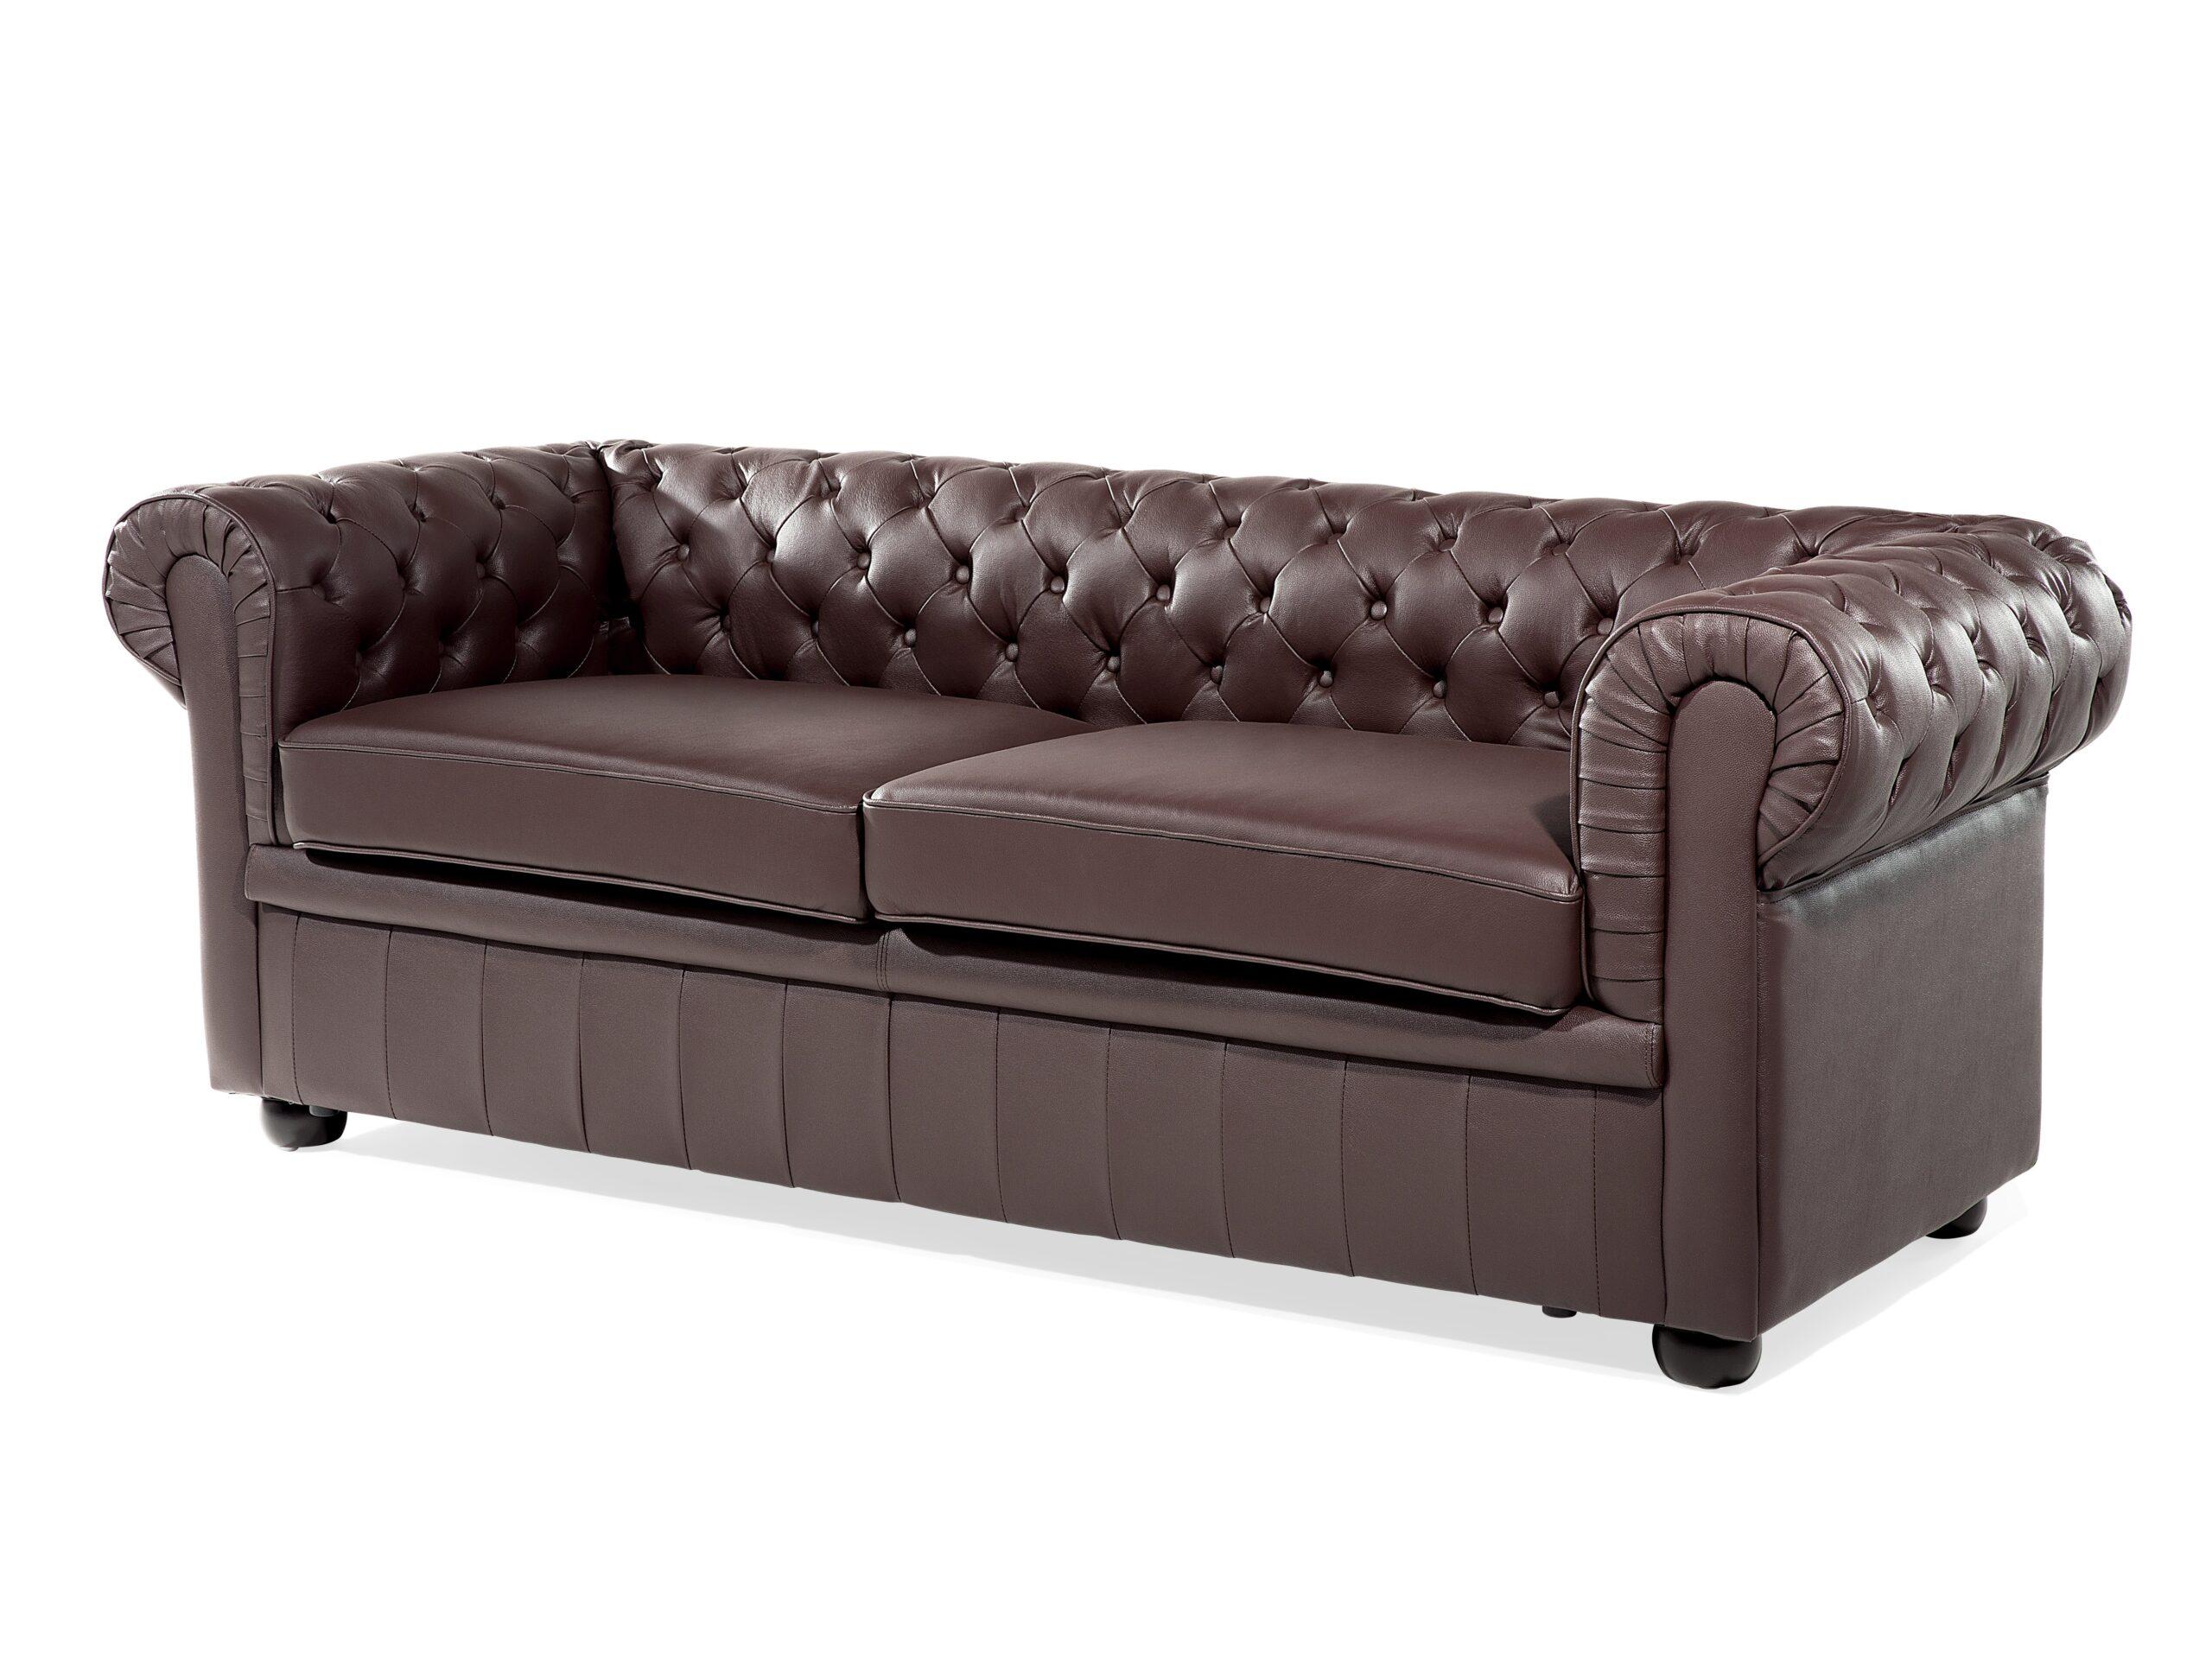 Full Size of Sofa Auf Raten Leder Braun Chesterfield Belianide Leinen Dauerschläfer Grau Polyrattan Polsterreiniger Aufbewahrungsbehälter Küche Breaking Bad Kaufen 3er U Sofa Sofa Auf Raten